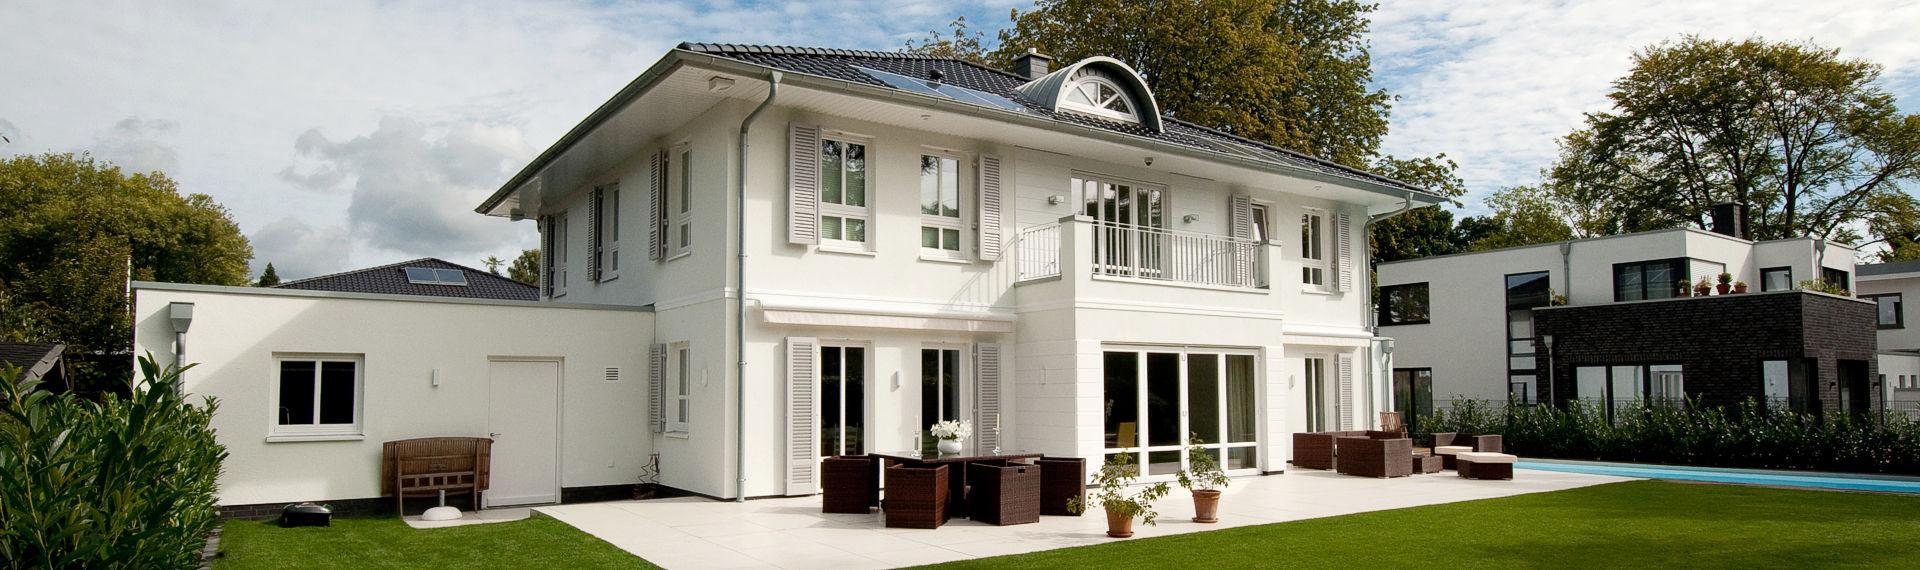 Hausbau seit 1982. Massiv gebaut in erstklassiger Hausbau Qualität.